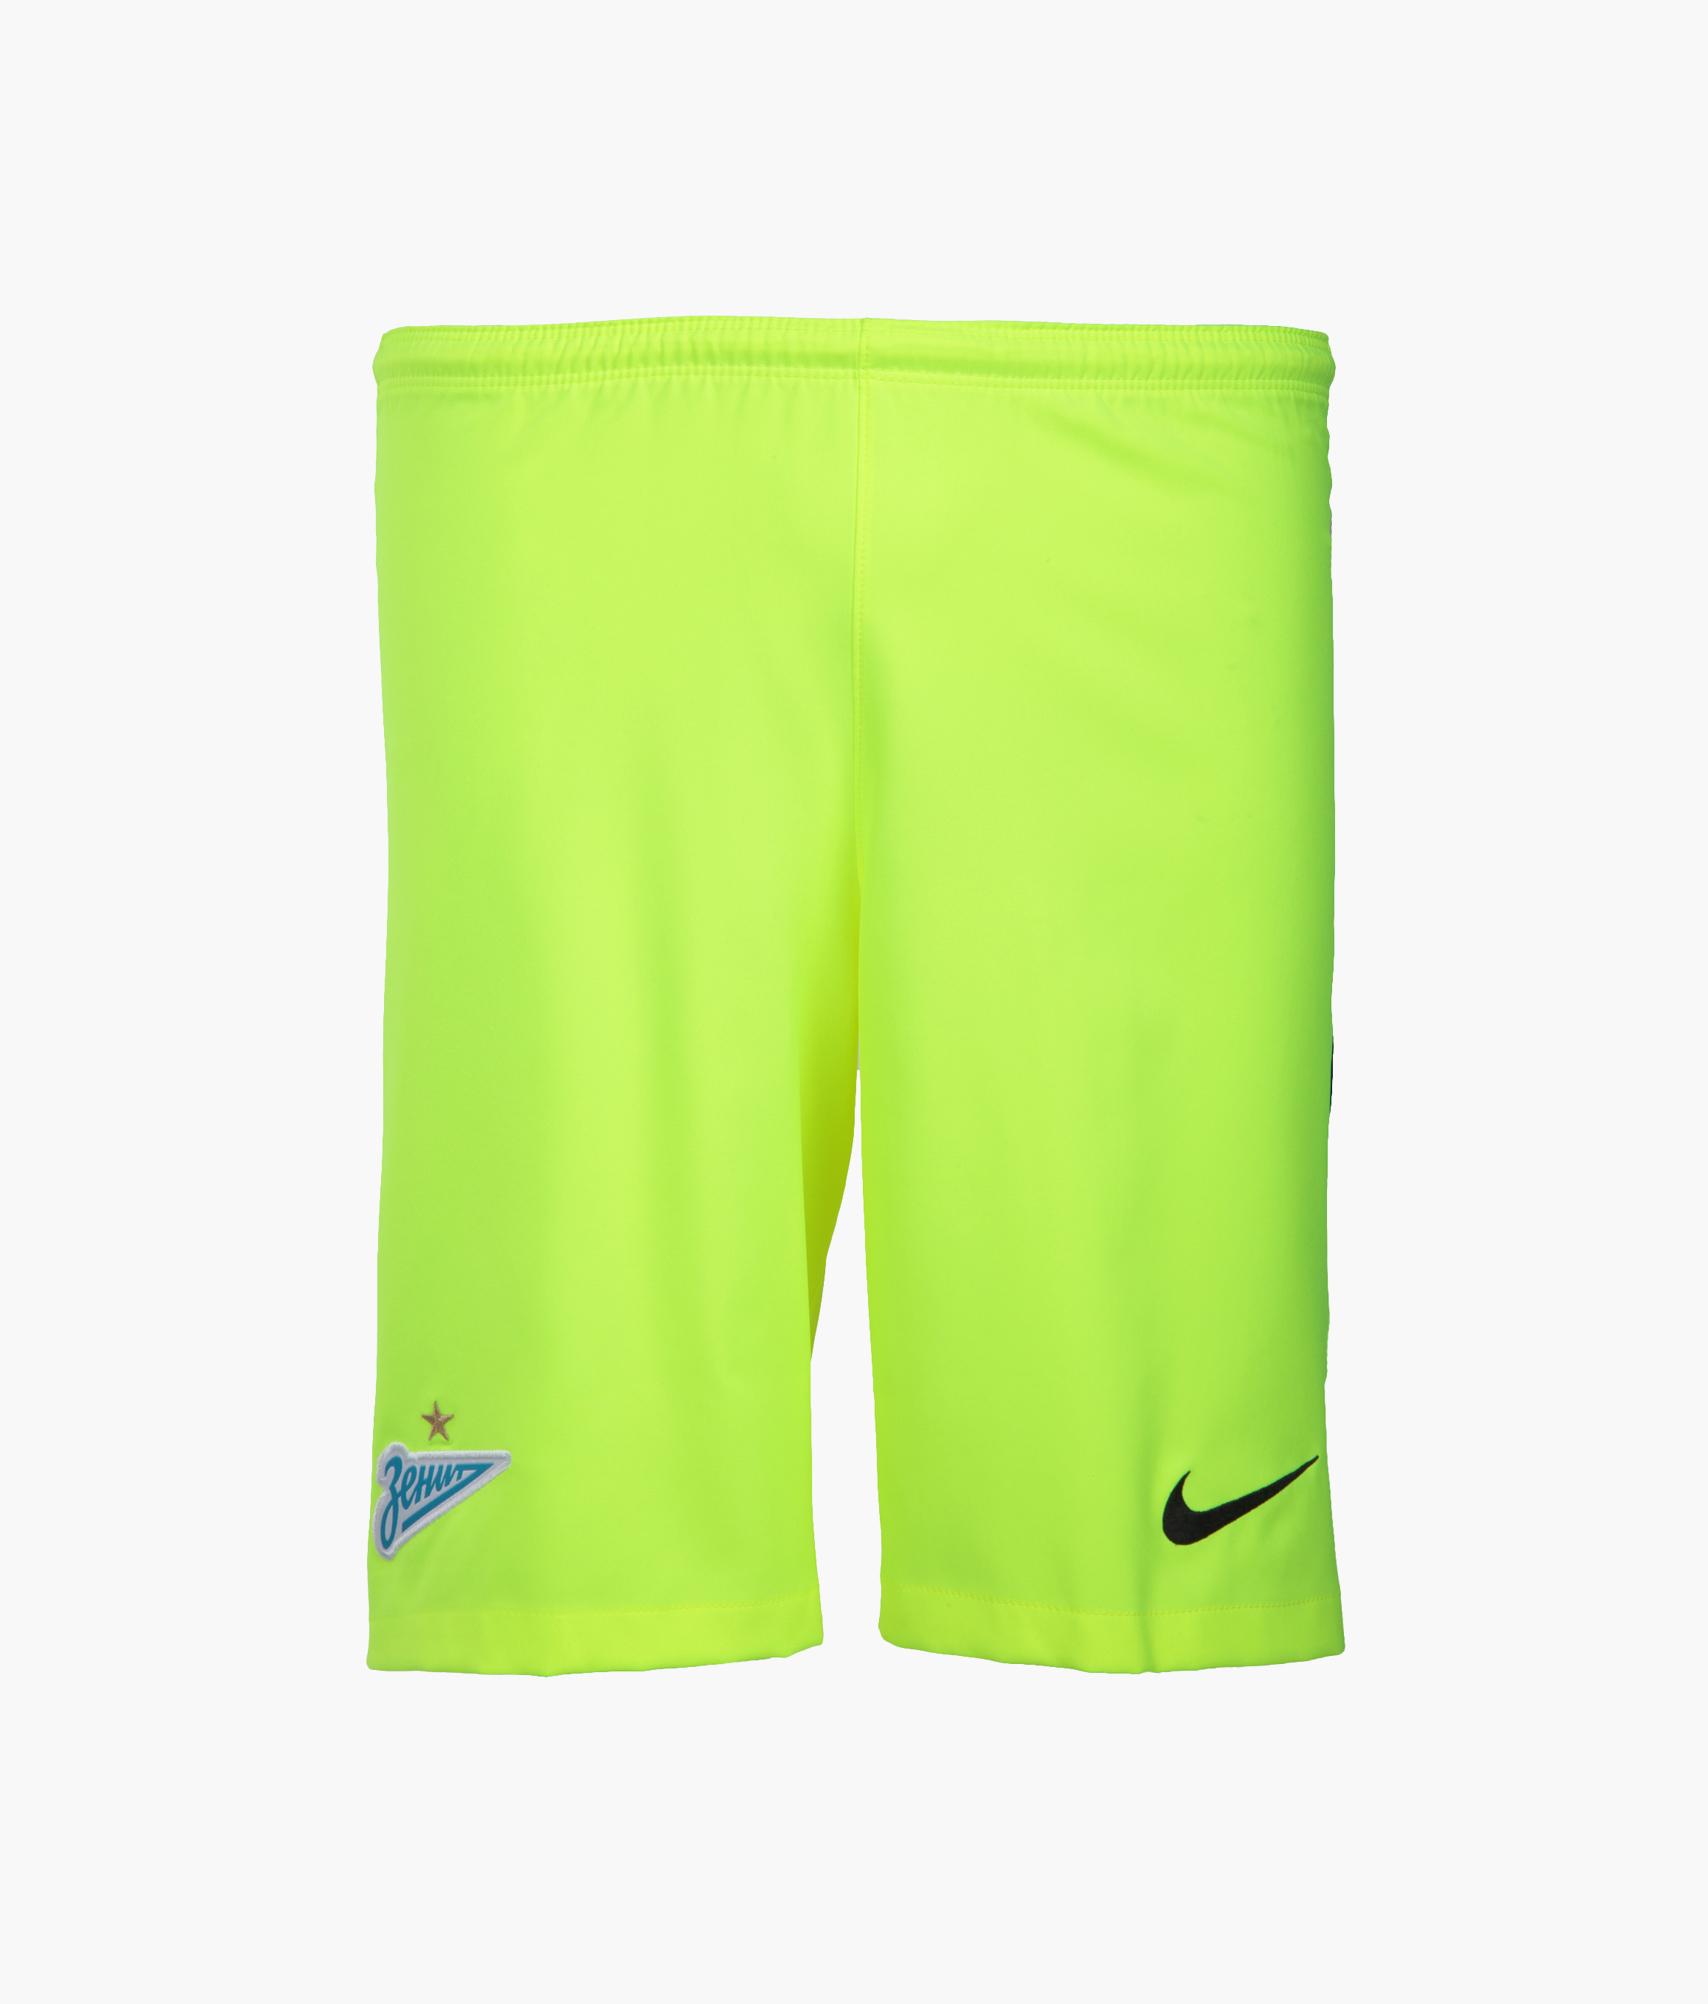 Оригинальные вратарские шорты Nike Nike Цвет-Желтый цена 2017